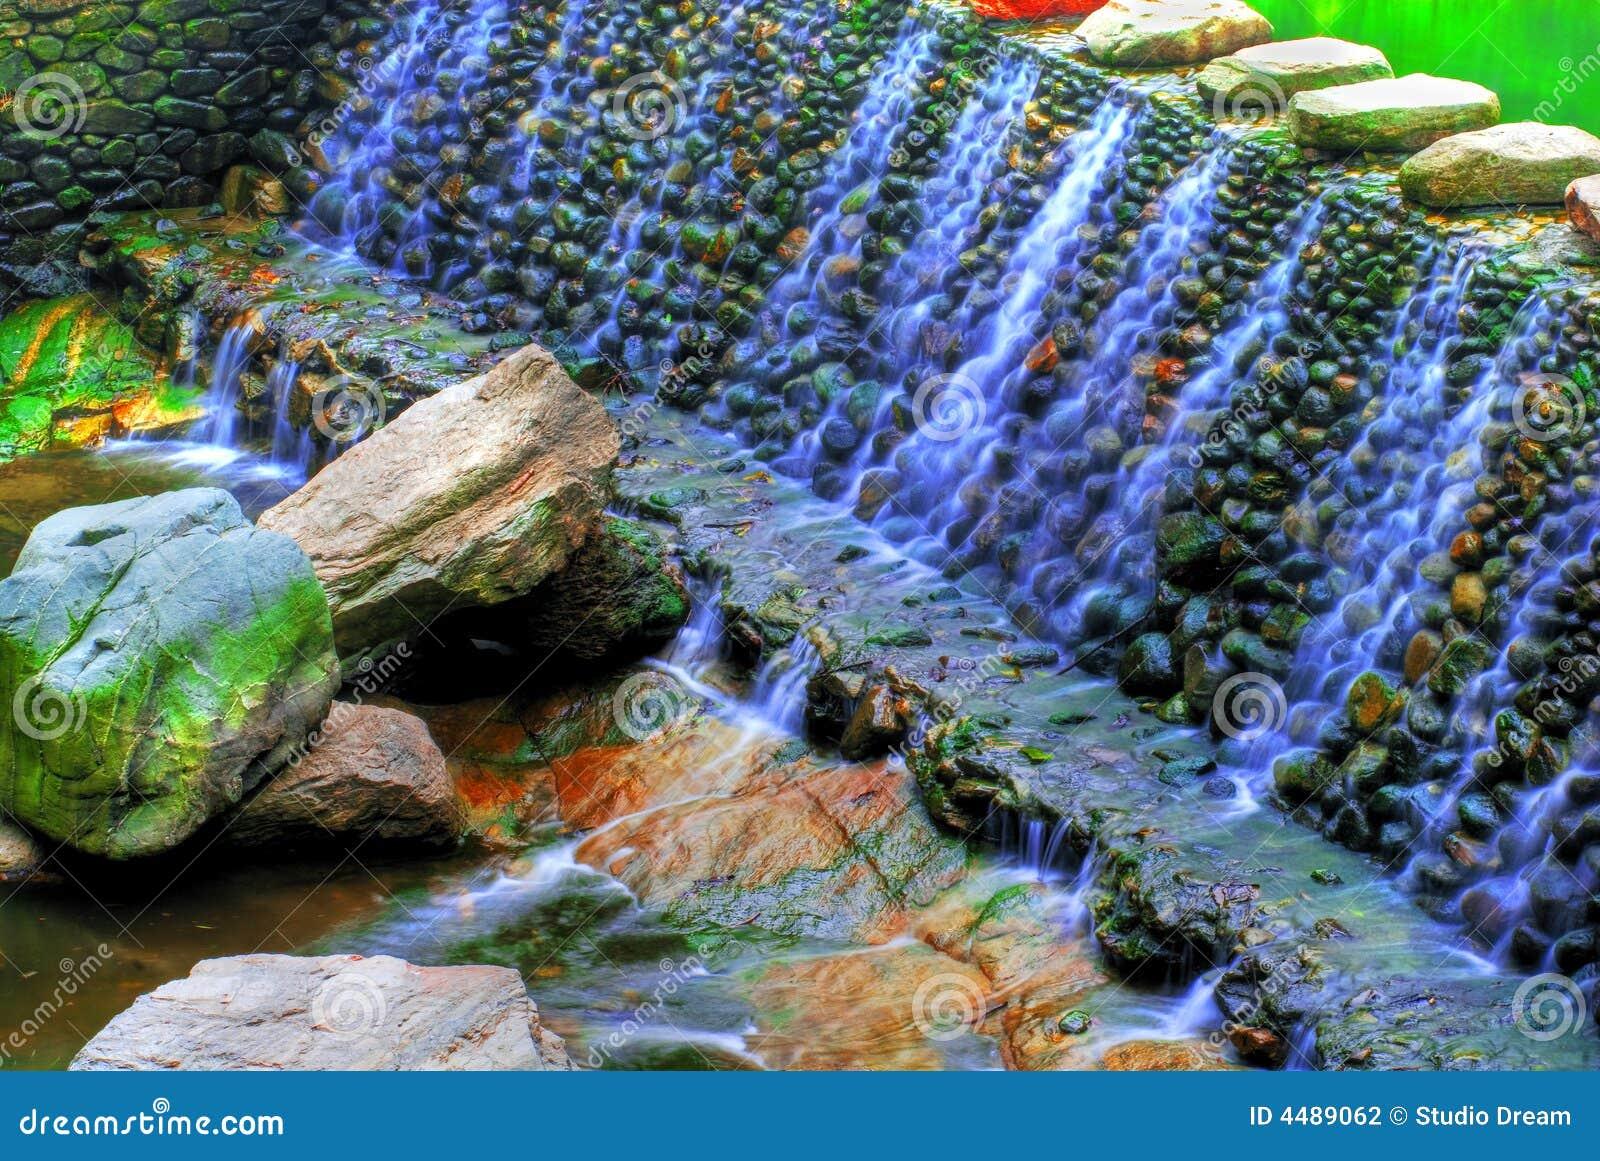 Cascada de piedra fotograf a de archivo imagen 4489062 for Estanques con cascadas de piedra